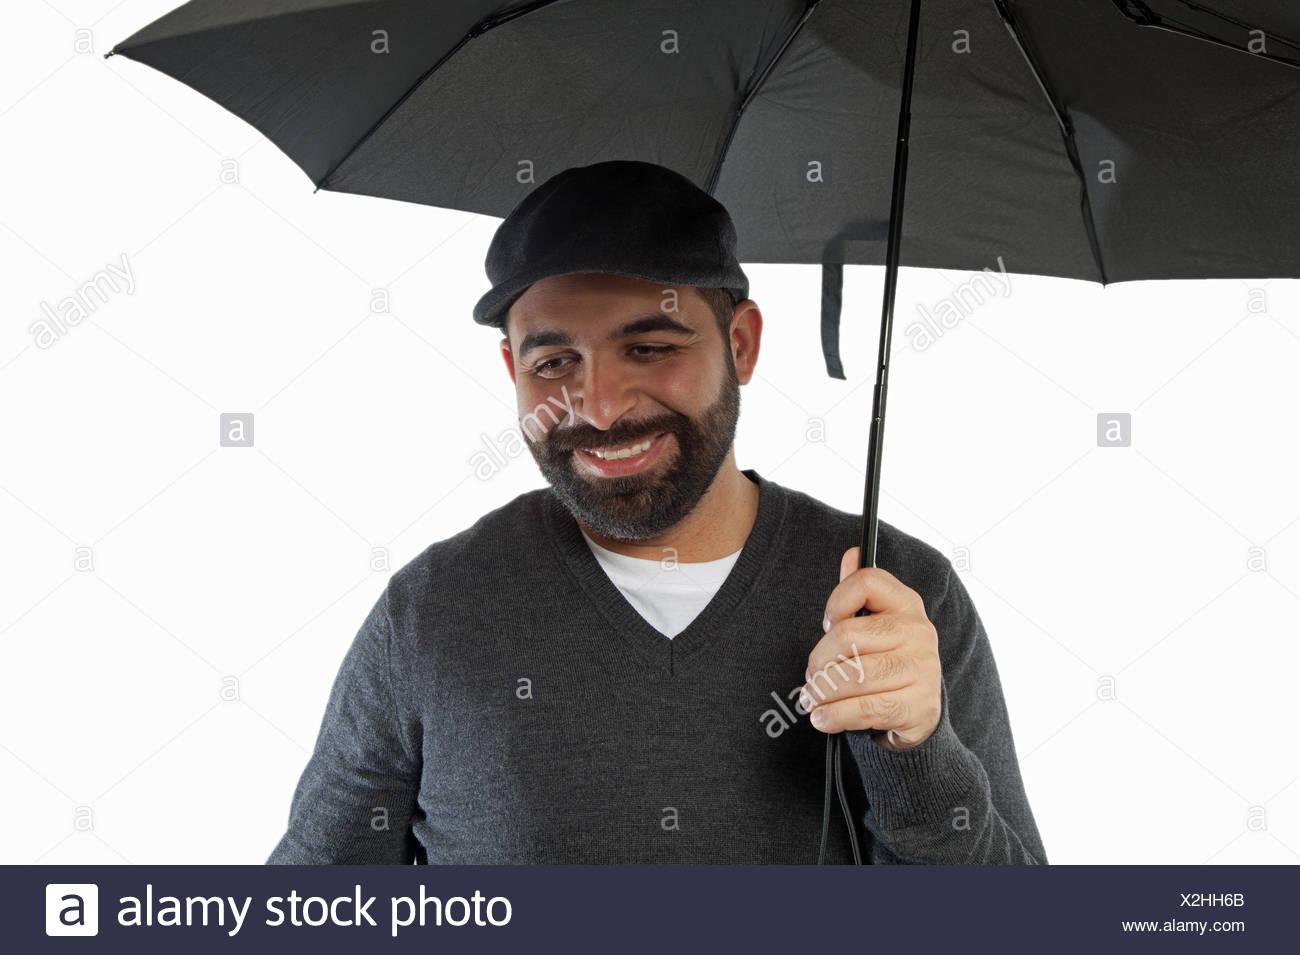 Mann Mit Regenschirm Stockfoto Bild 276981891 Alamy